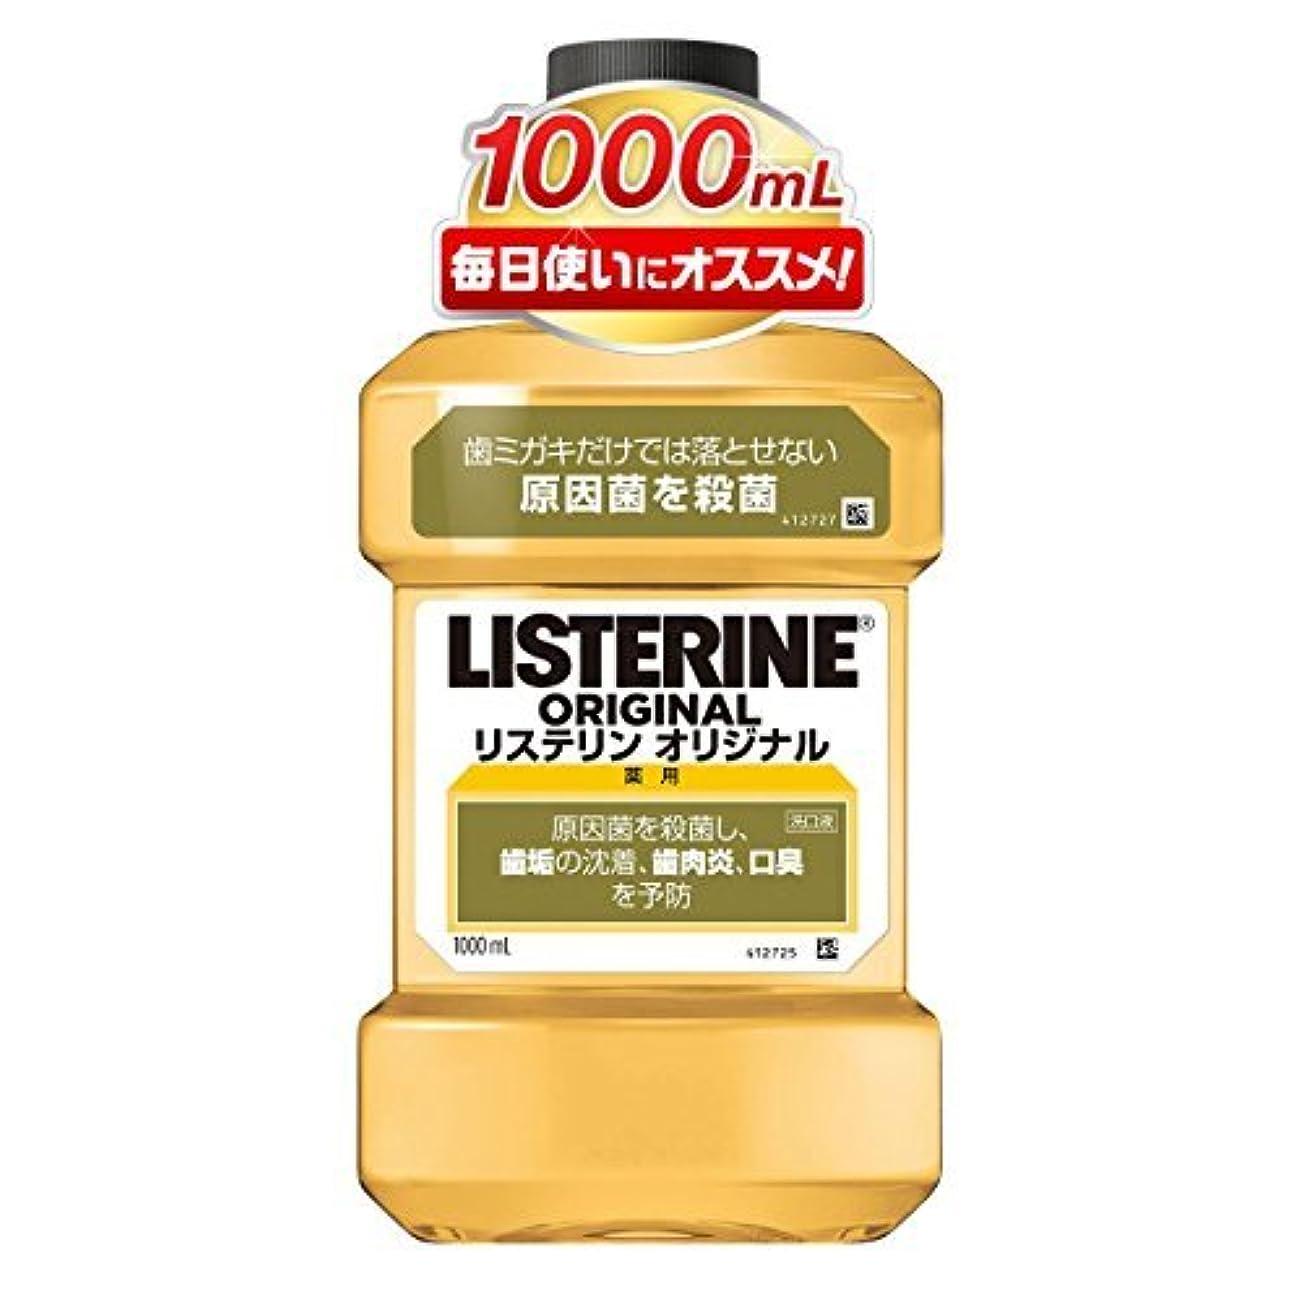 適応的遅滞敬薬用リステリン オリジナル 1000ml ×6個セット